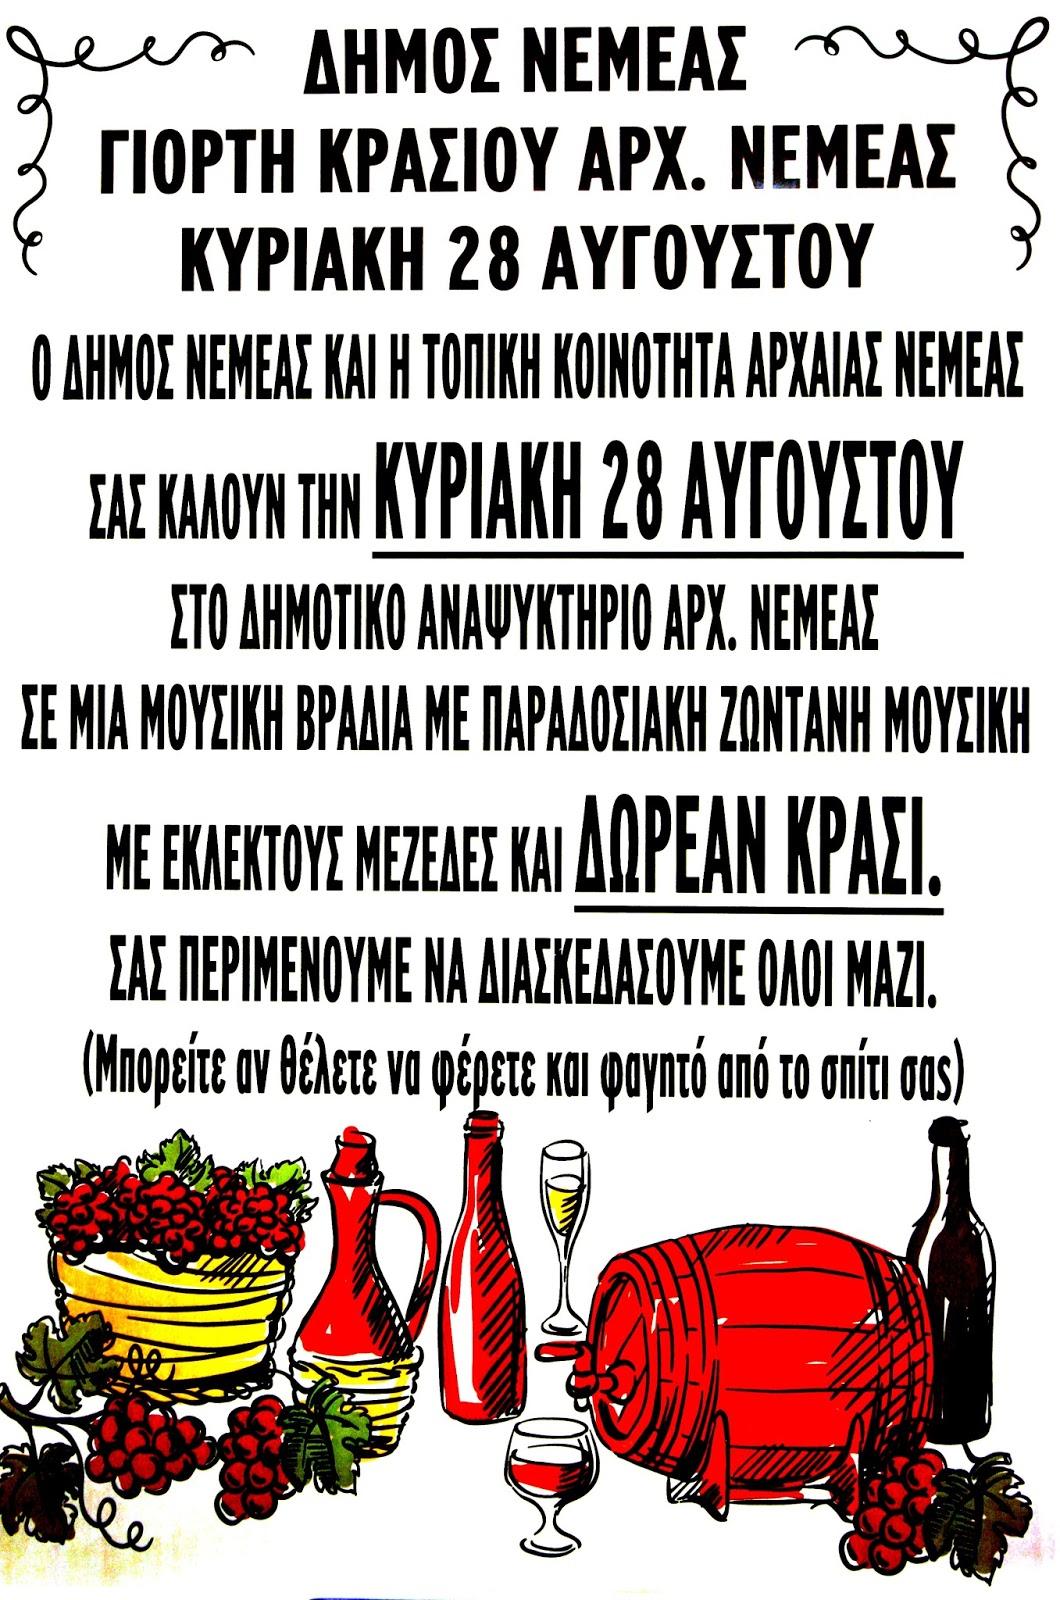 Γιορτή Κρασιού στην Αρχαία Νεμέα